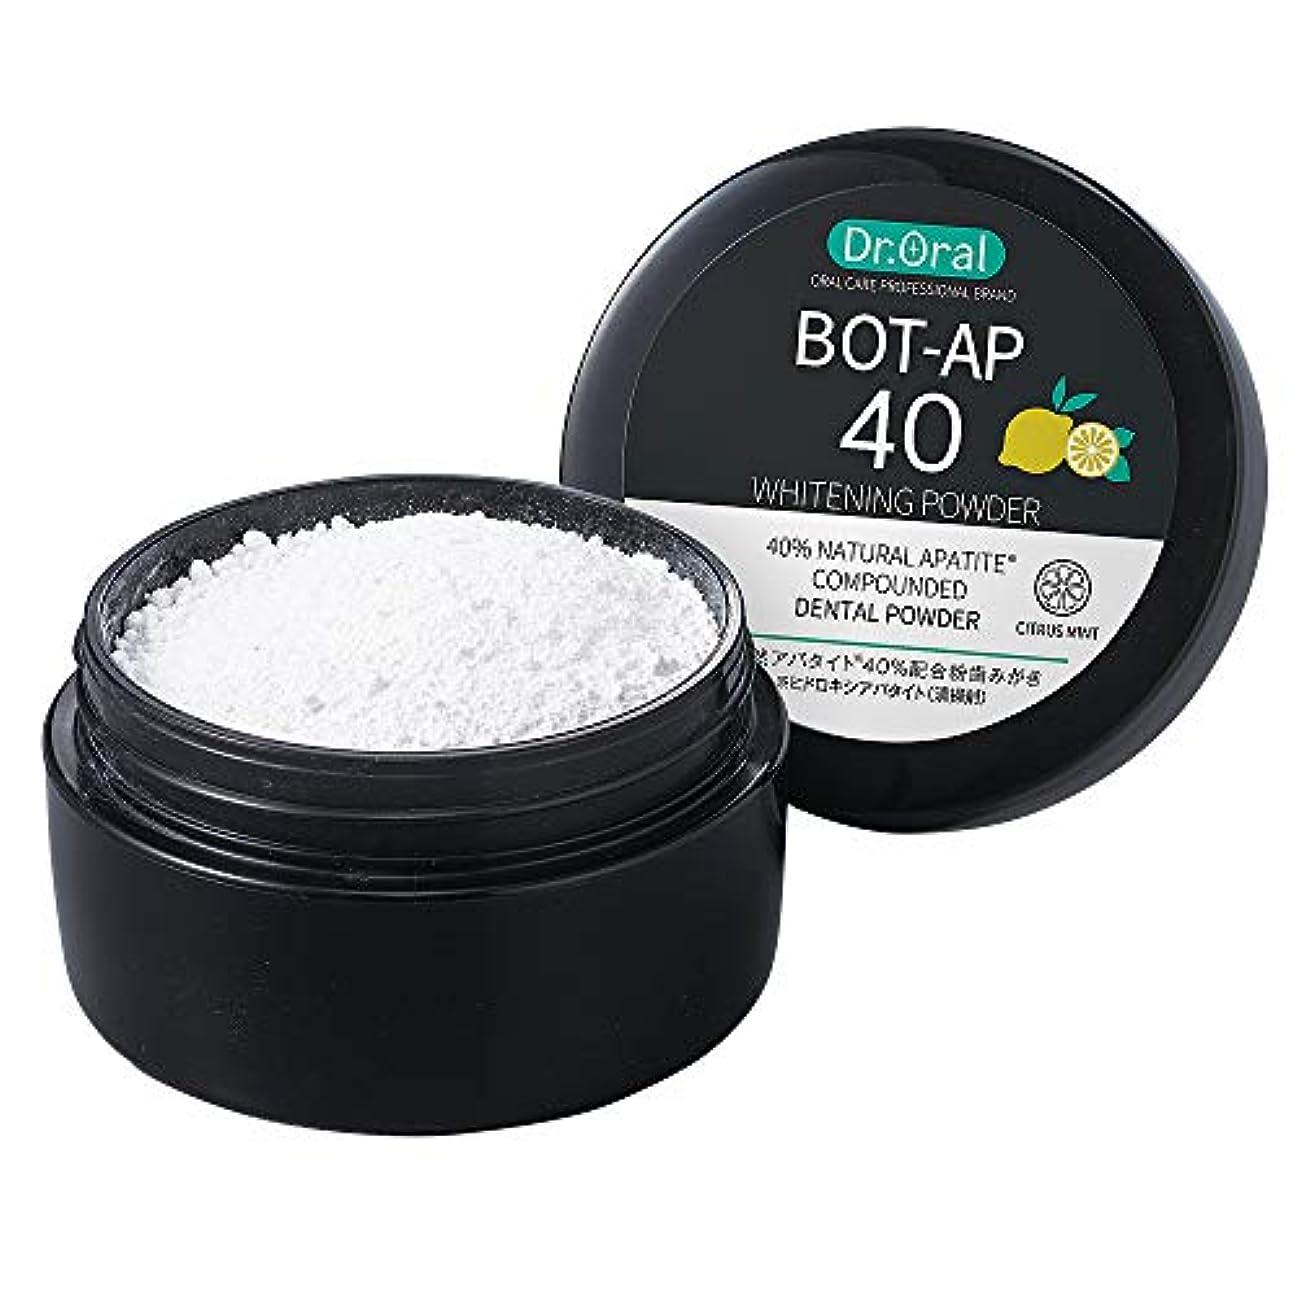 微生物動員するホイットニーDr.オーラル ホワイトニングパウダー シトラス 天然アパタイト40%配合